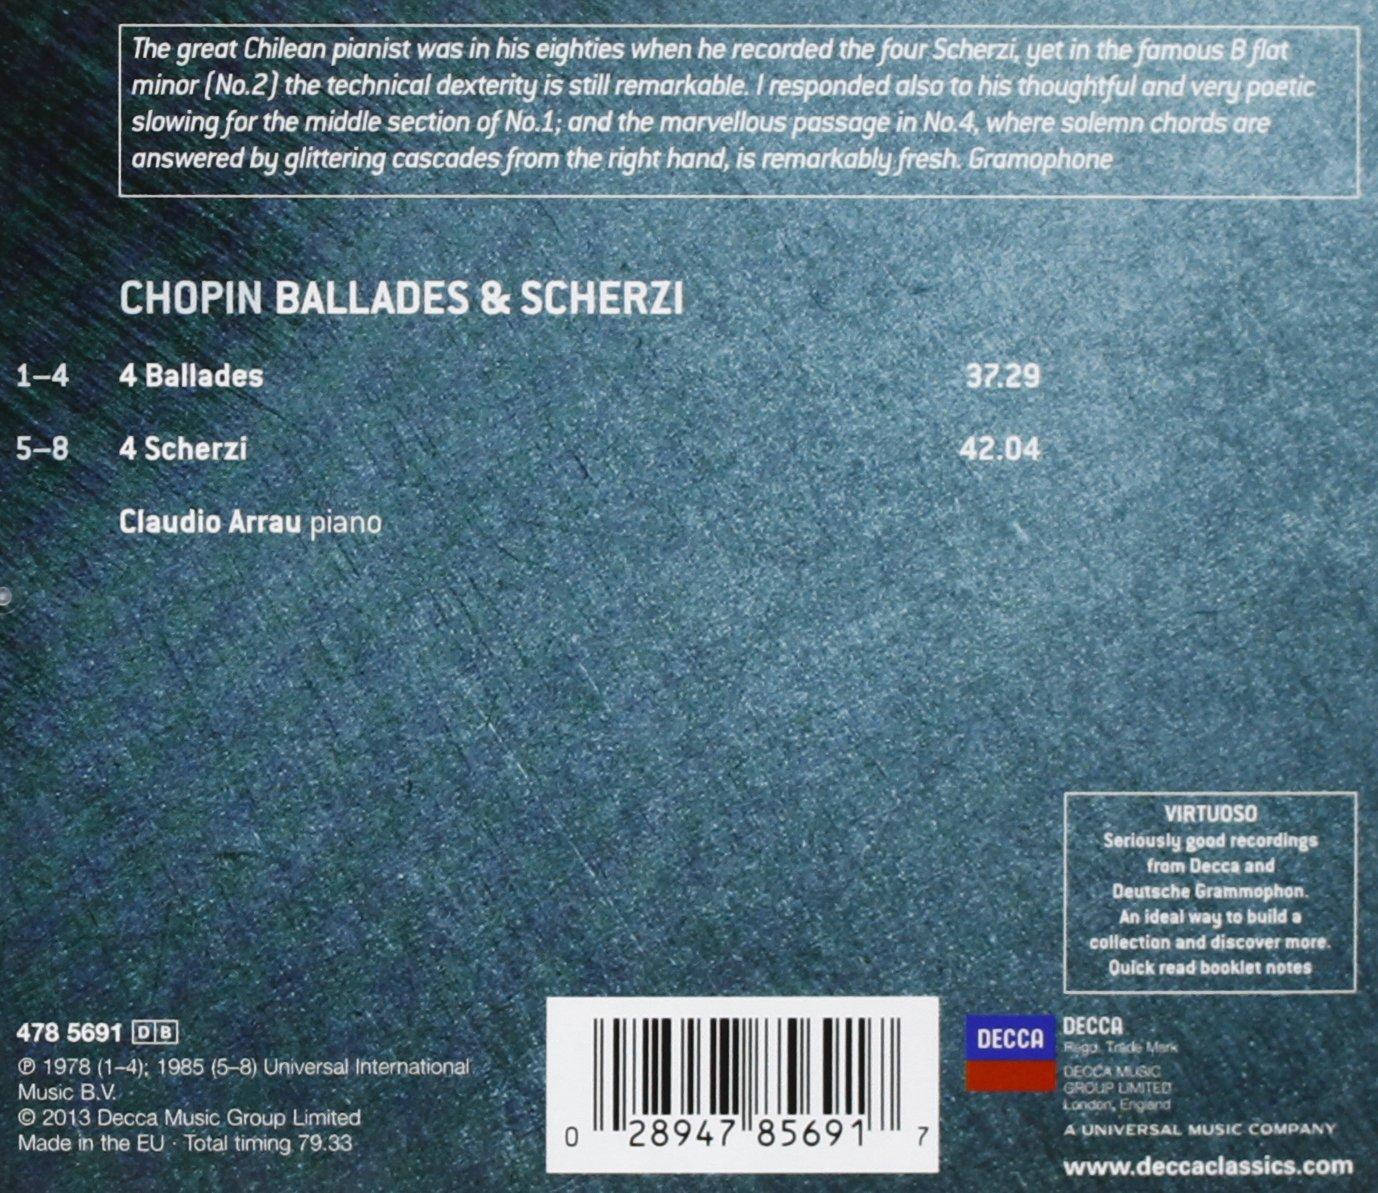 Claudio Arrau Frederic Chopin N A VIRTUOSO Chopin Ballades